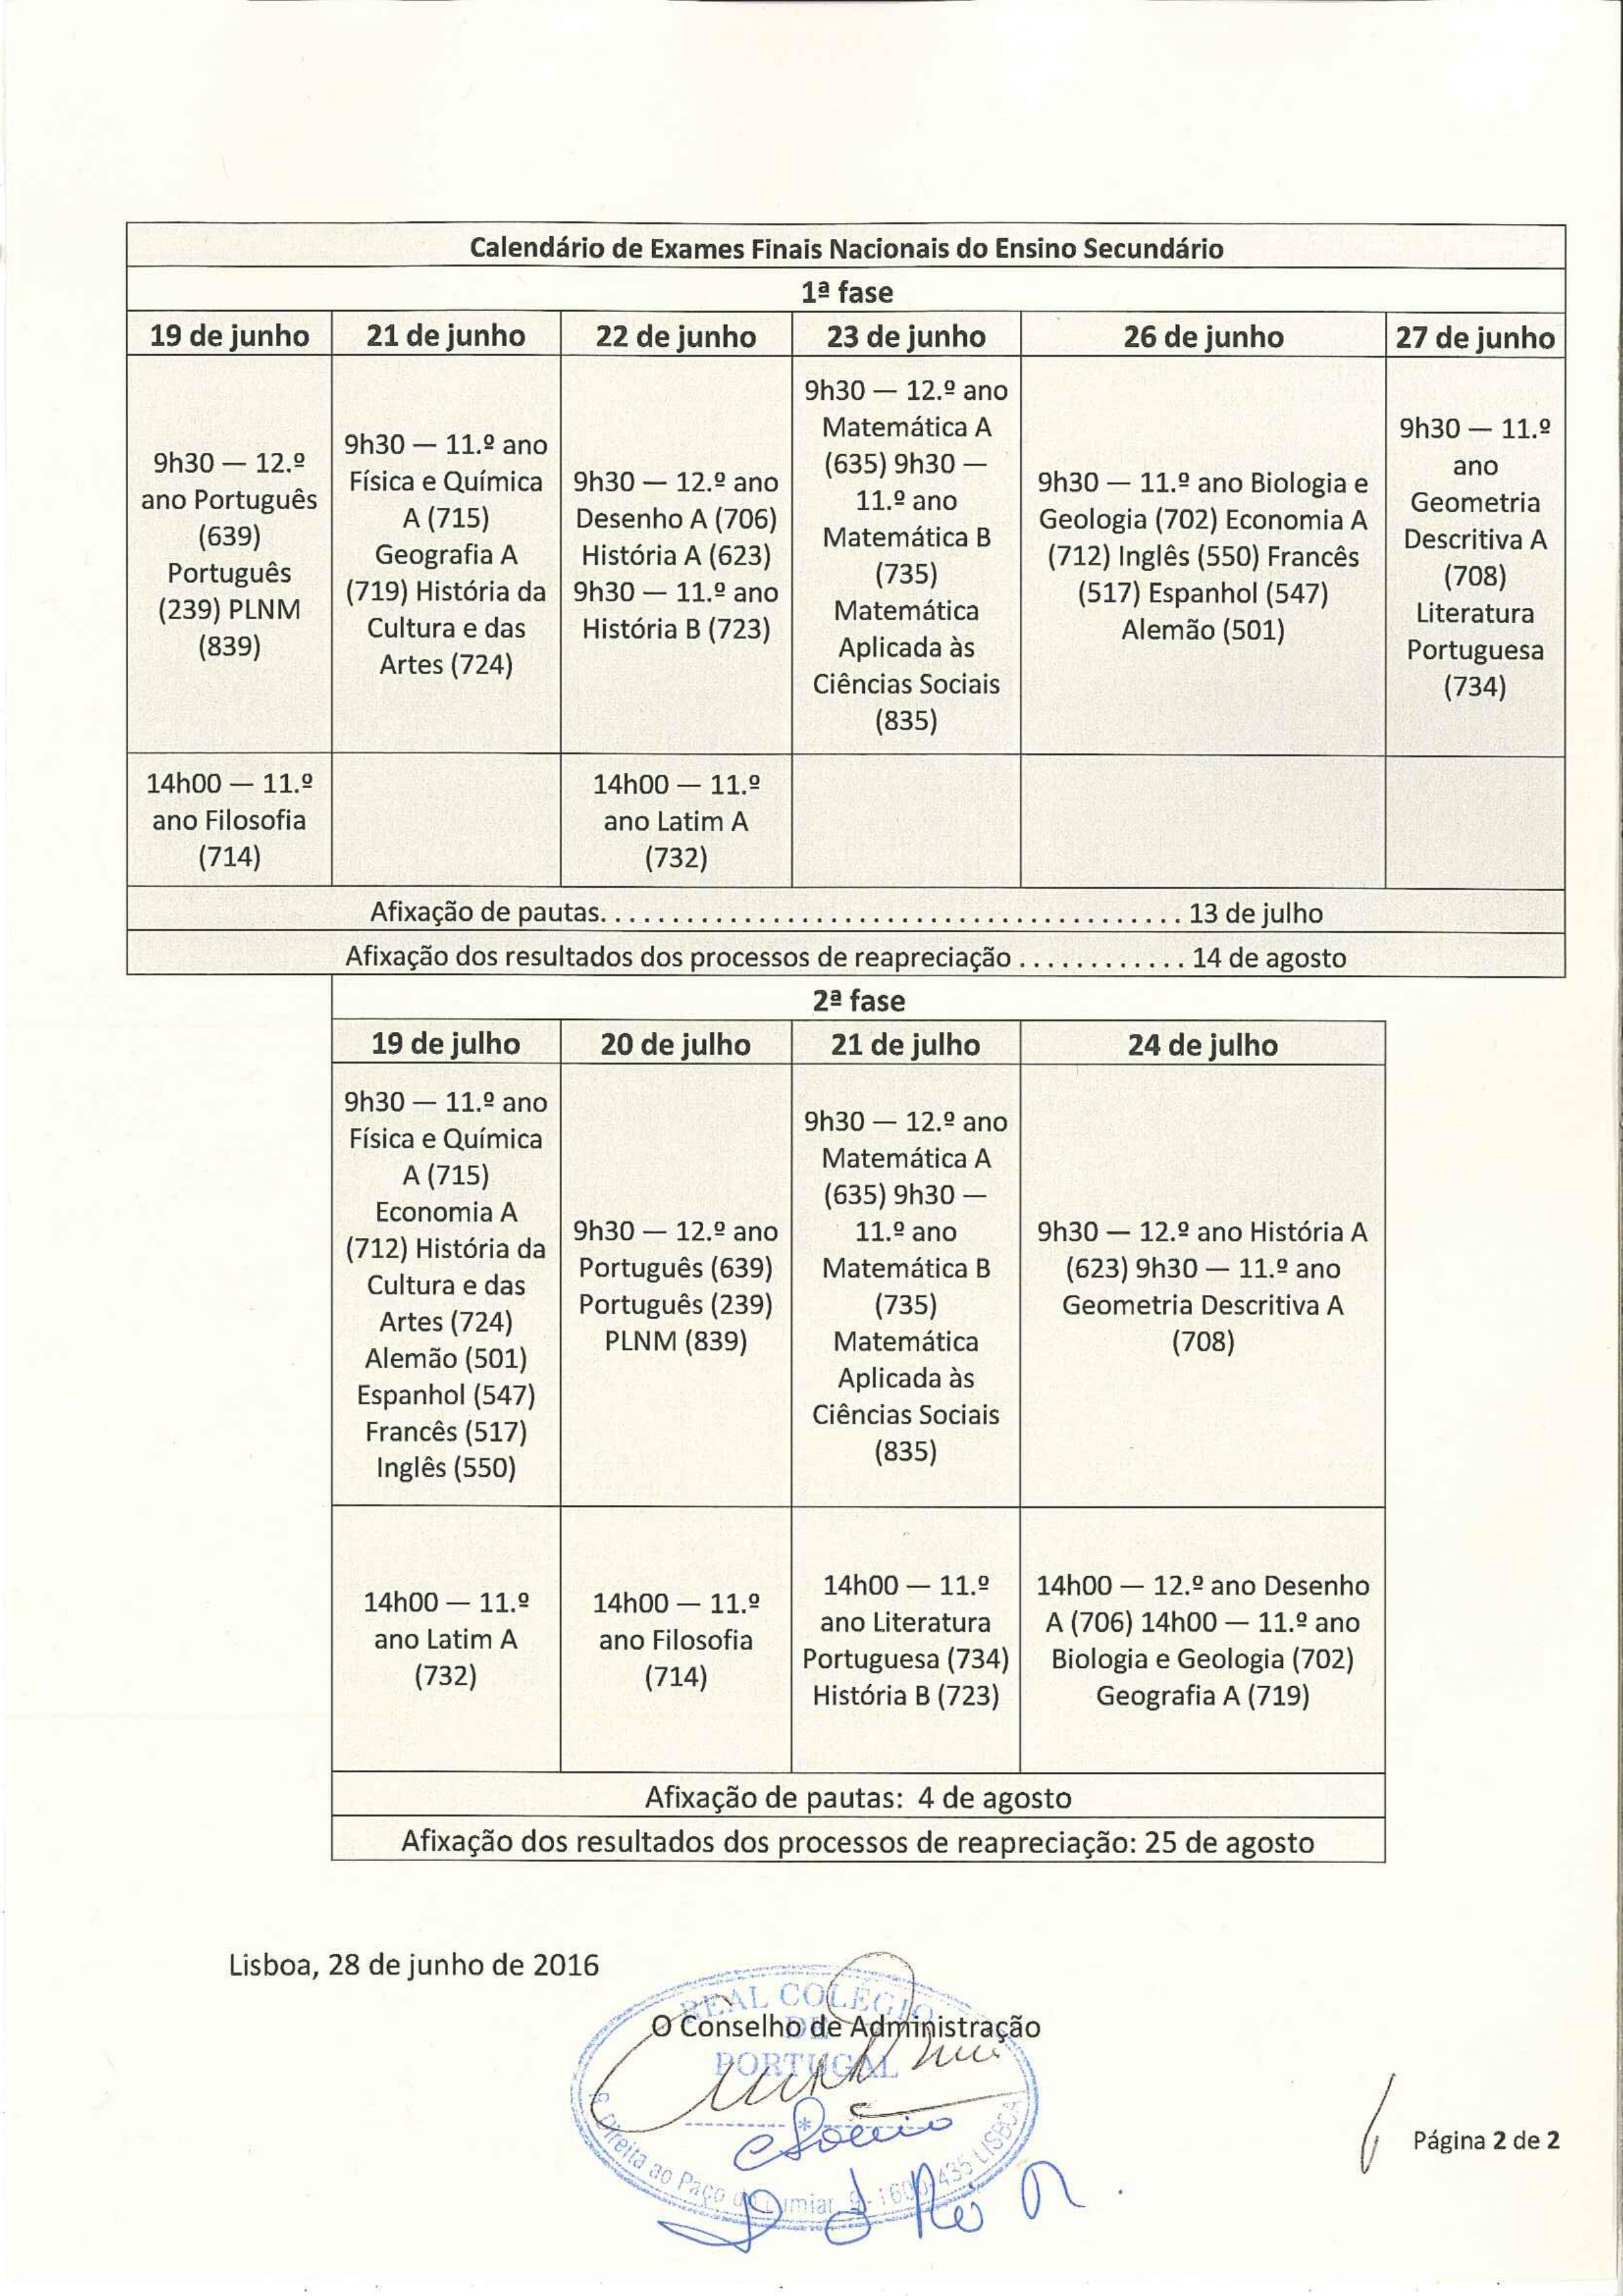 Calendário de Exames 16/17 - 2/2